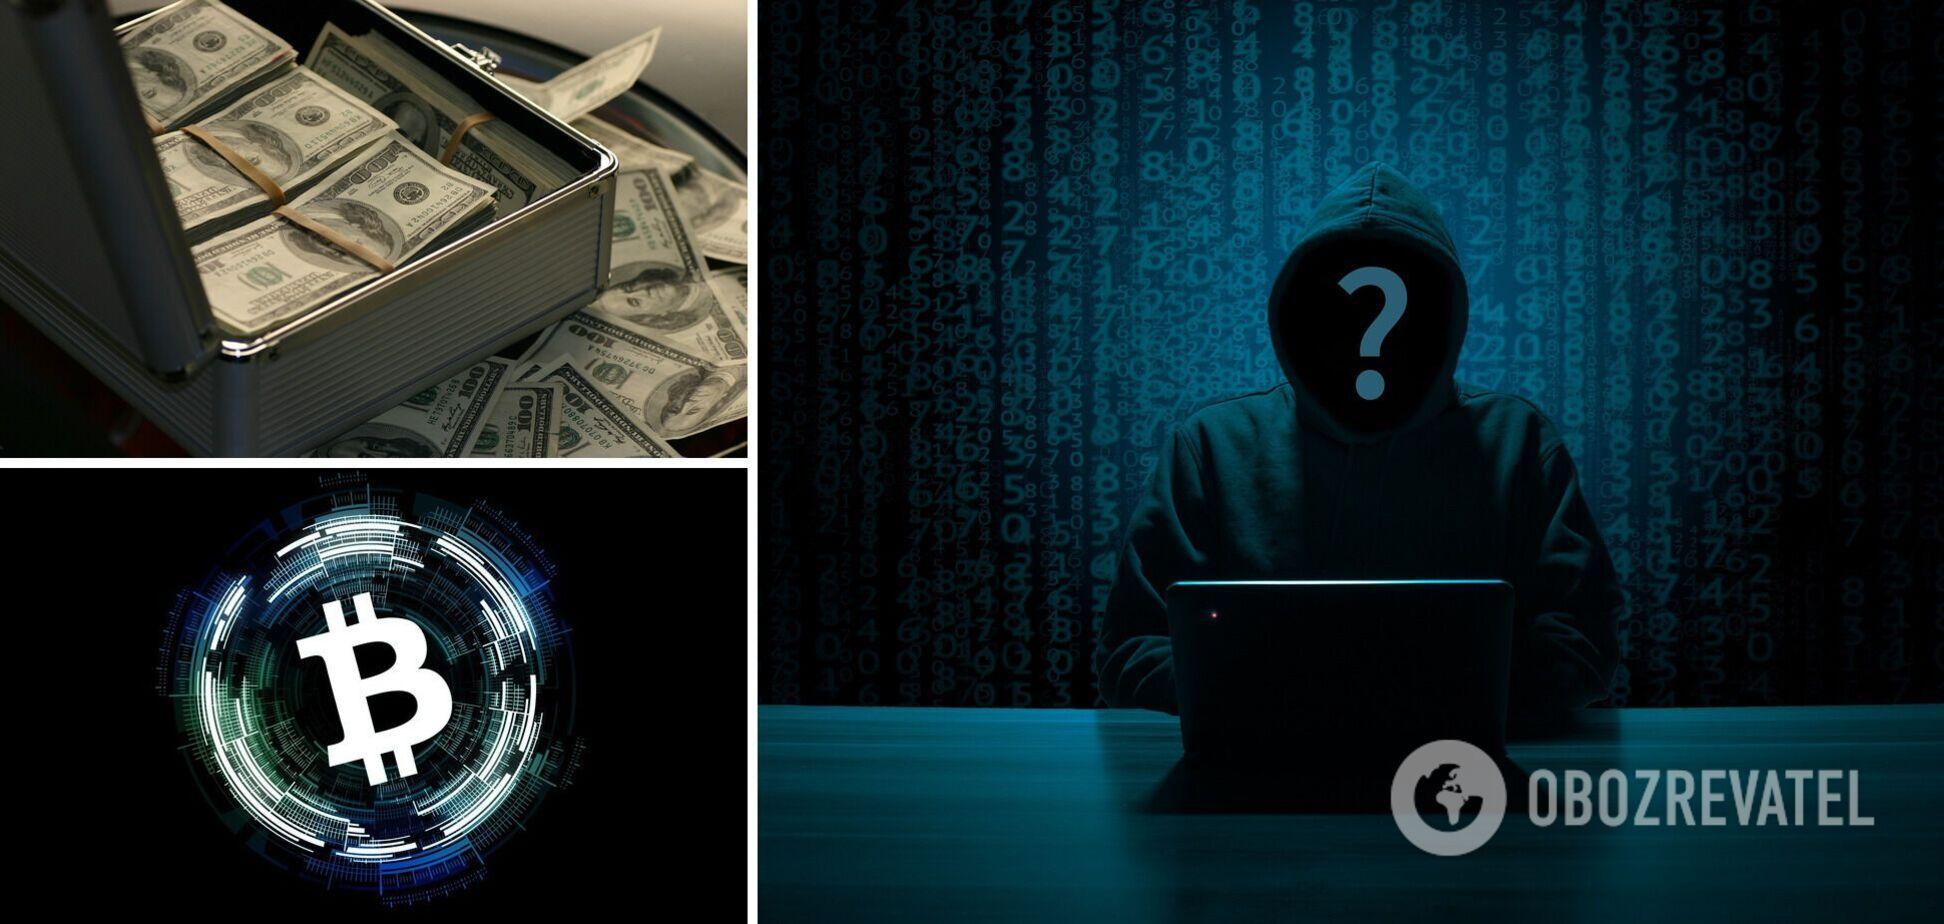 Хакер вернул почти все украденные $600 млн в криптовалюте